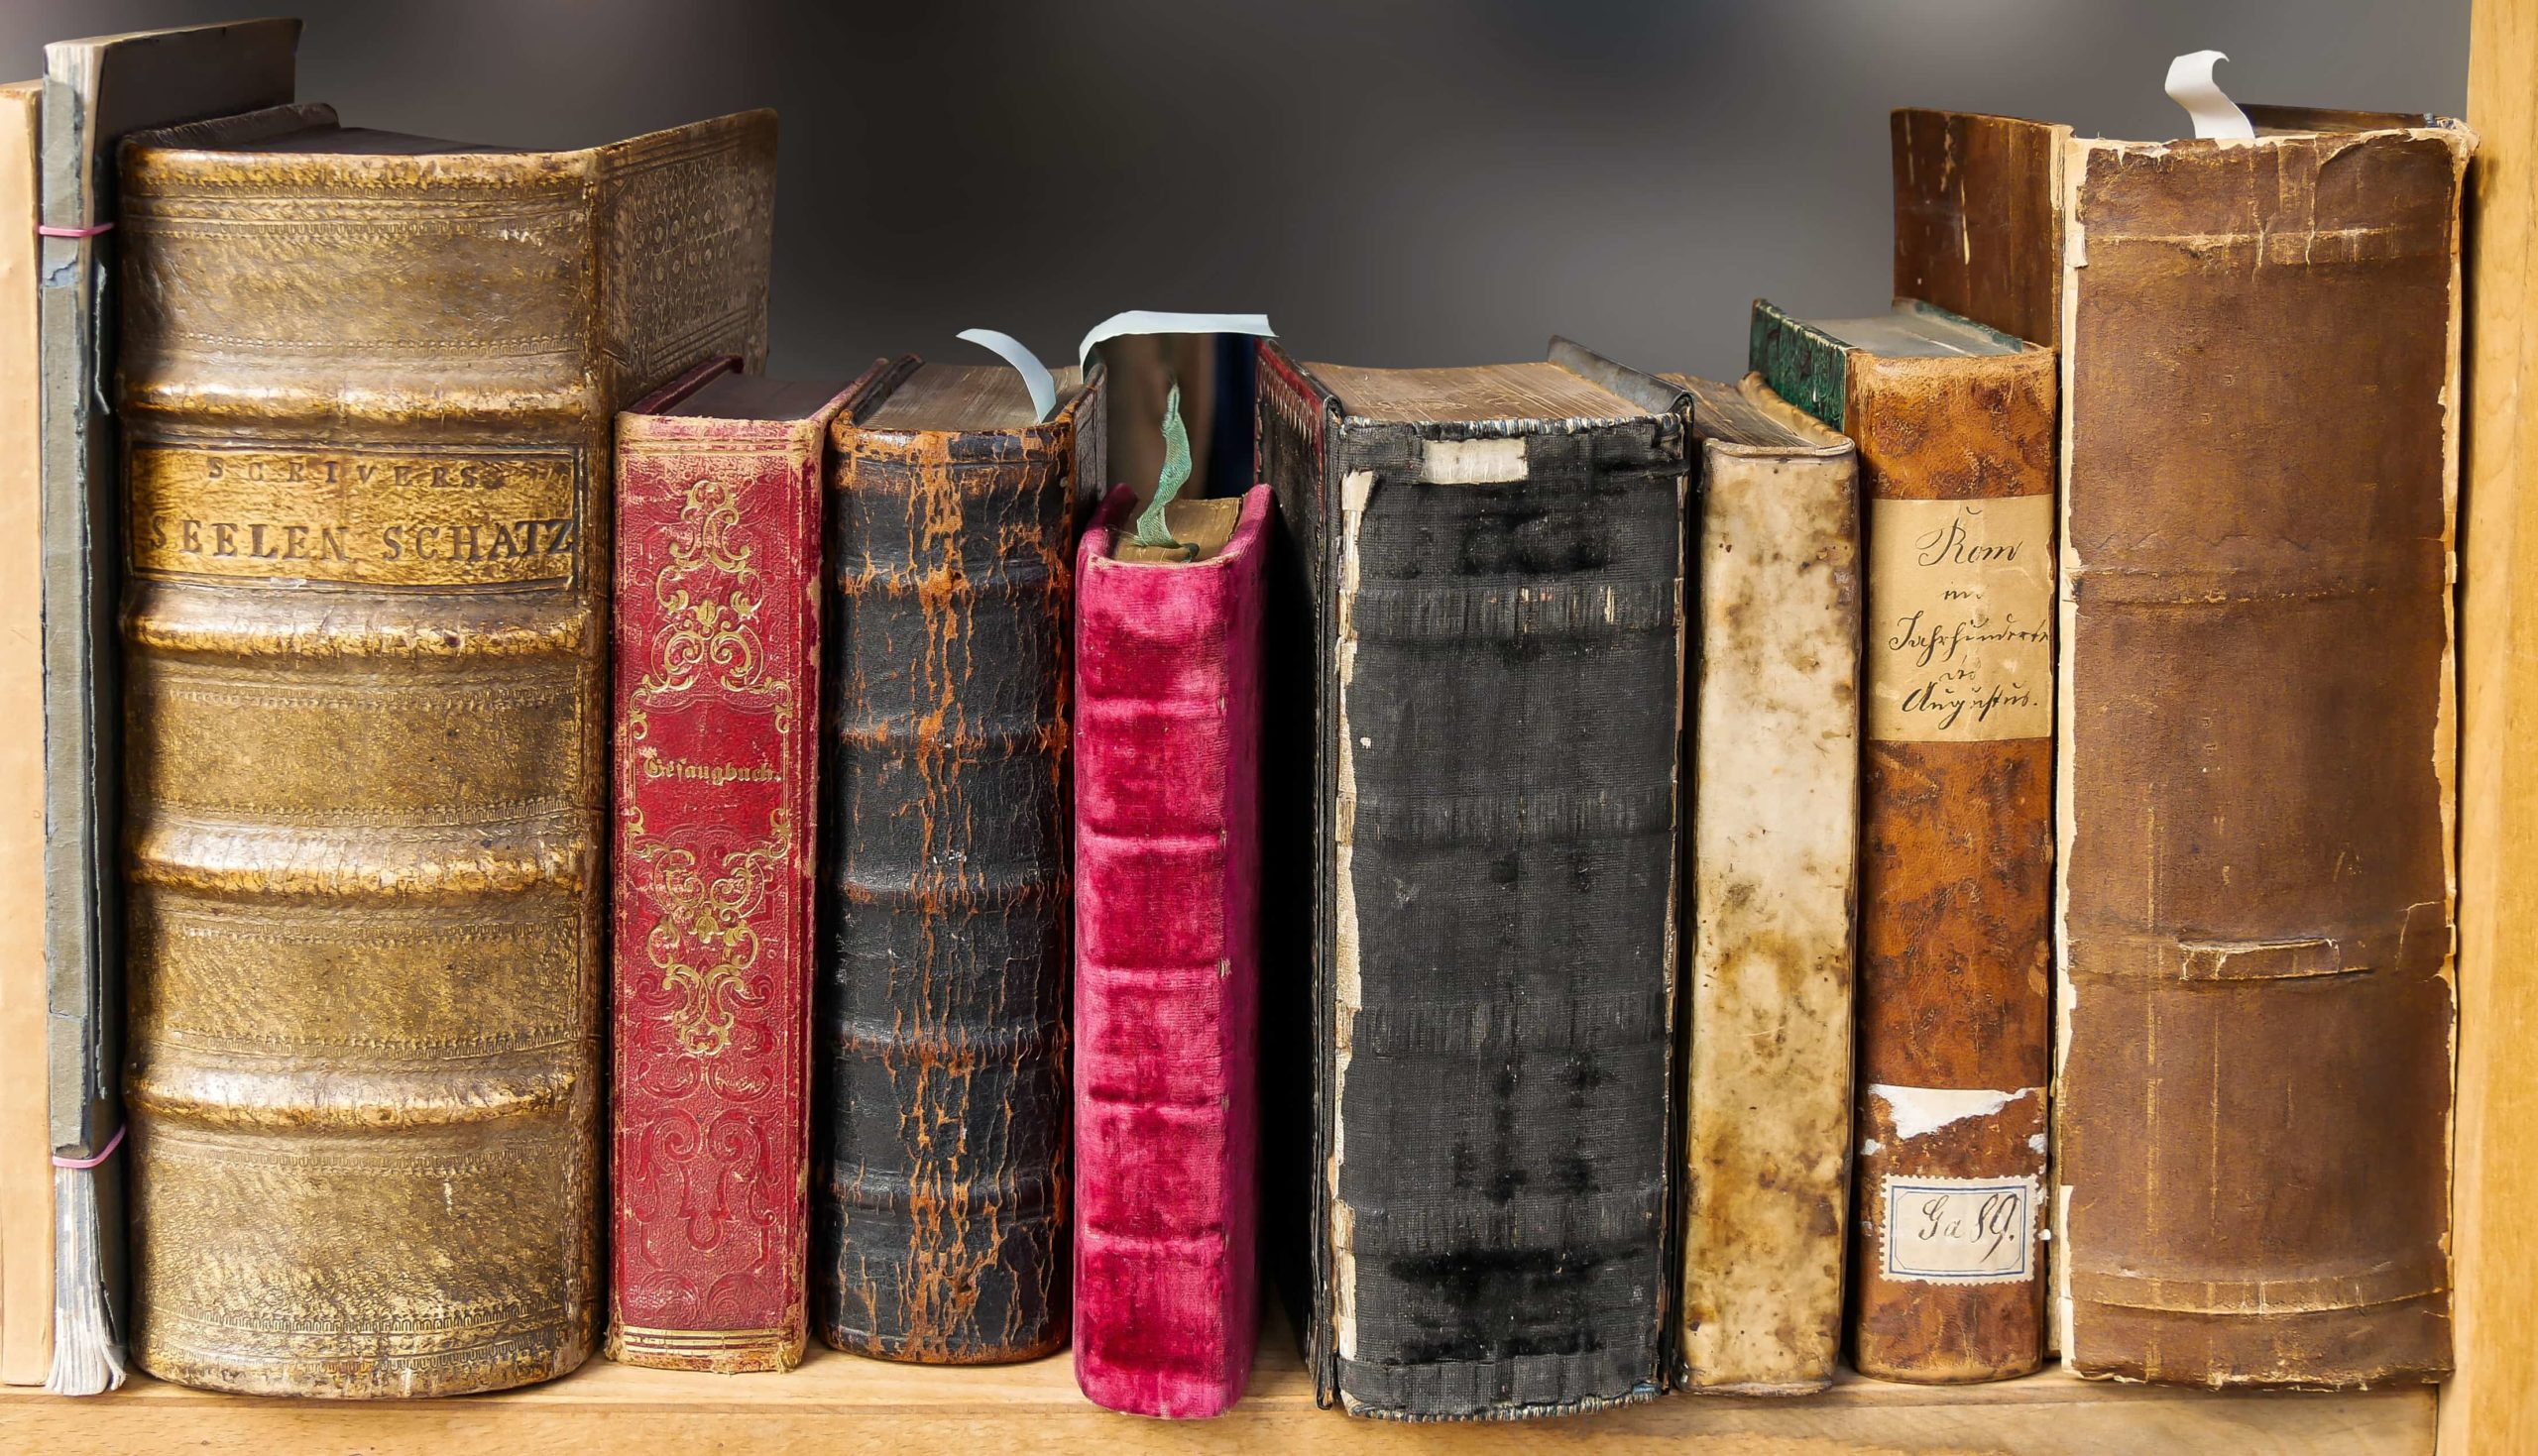 棚に置かれた古くて分厚い本